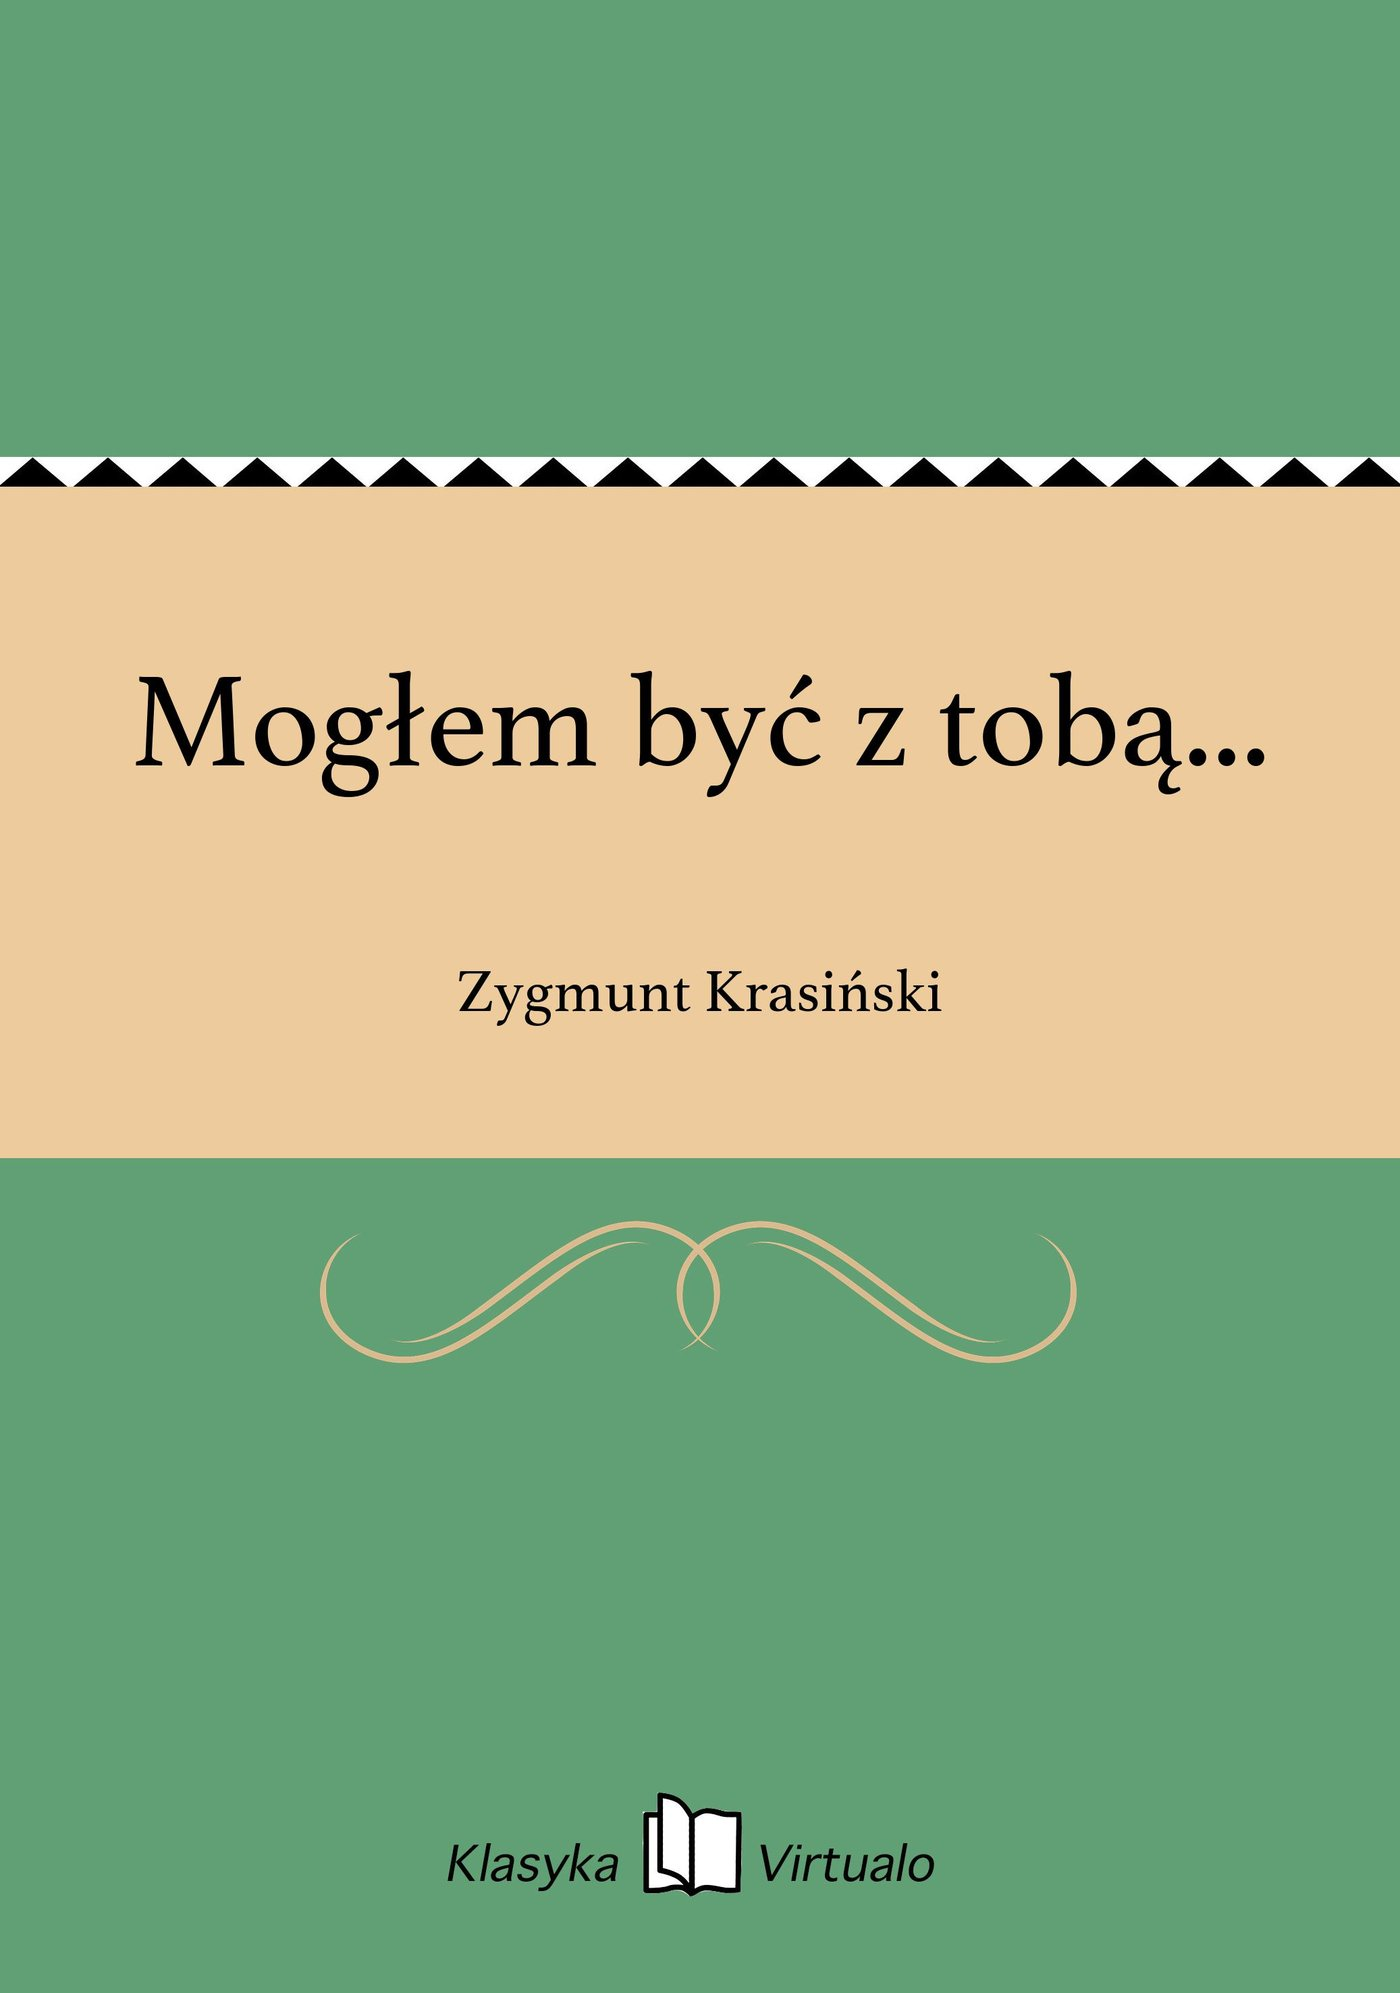 Mogłem być z tobą... - Ebook (Książka na Kindle) do pobrania w formacie MOBI